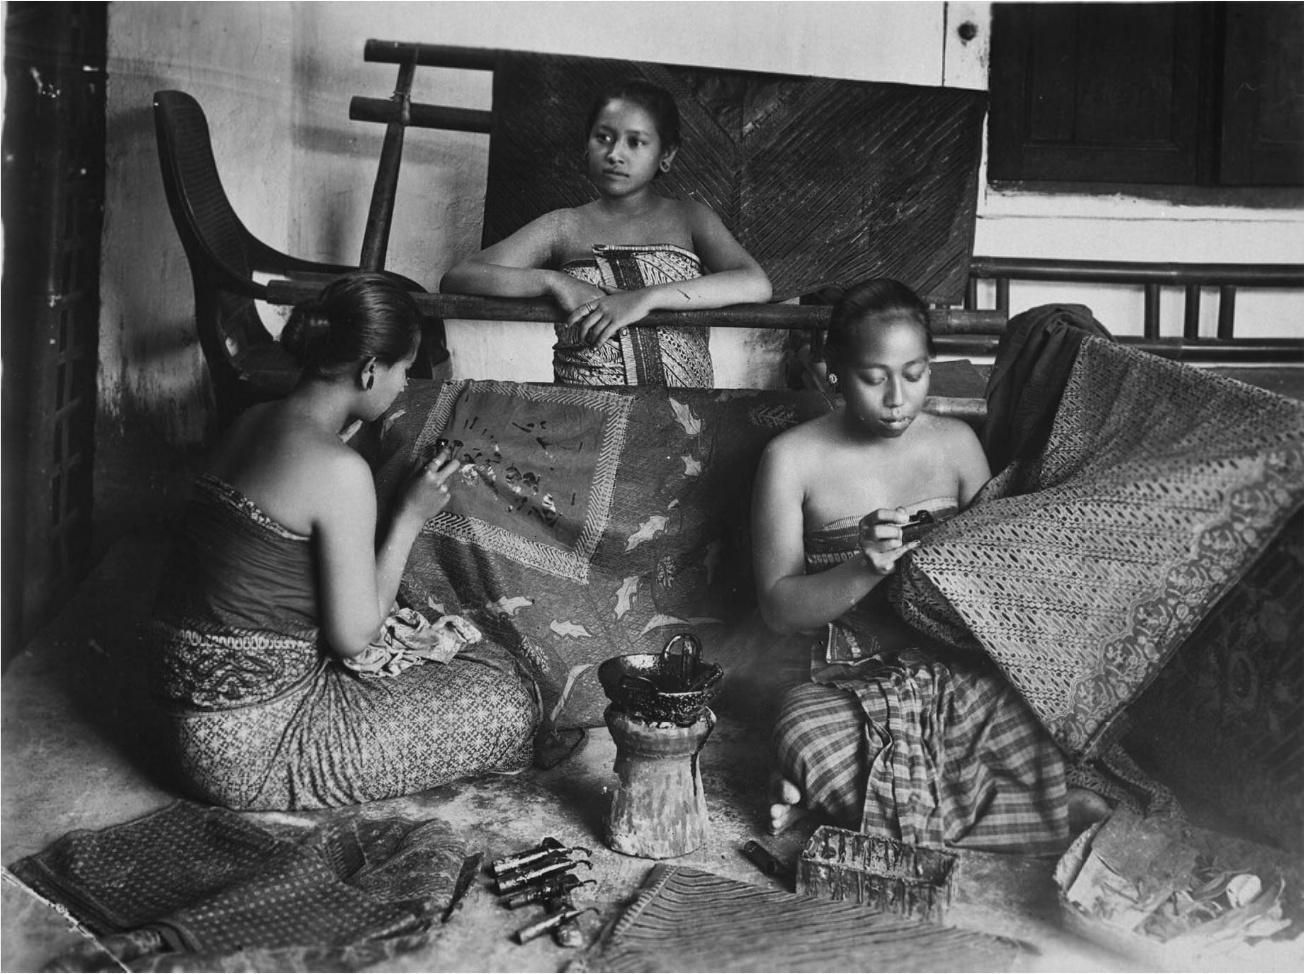 File:COLLECTIE TROPENMUSEUM Een geposeerde opname van een kleine batikwerkplaats. Middenvoor enkele cantings. De vrouwen dragen een kemben (borstdoek). Java TMnr 60034291.jpg